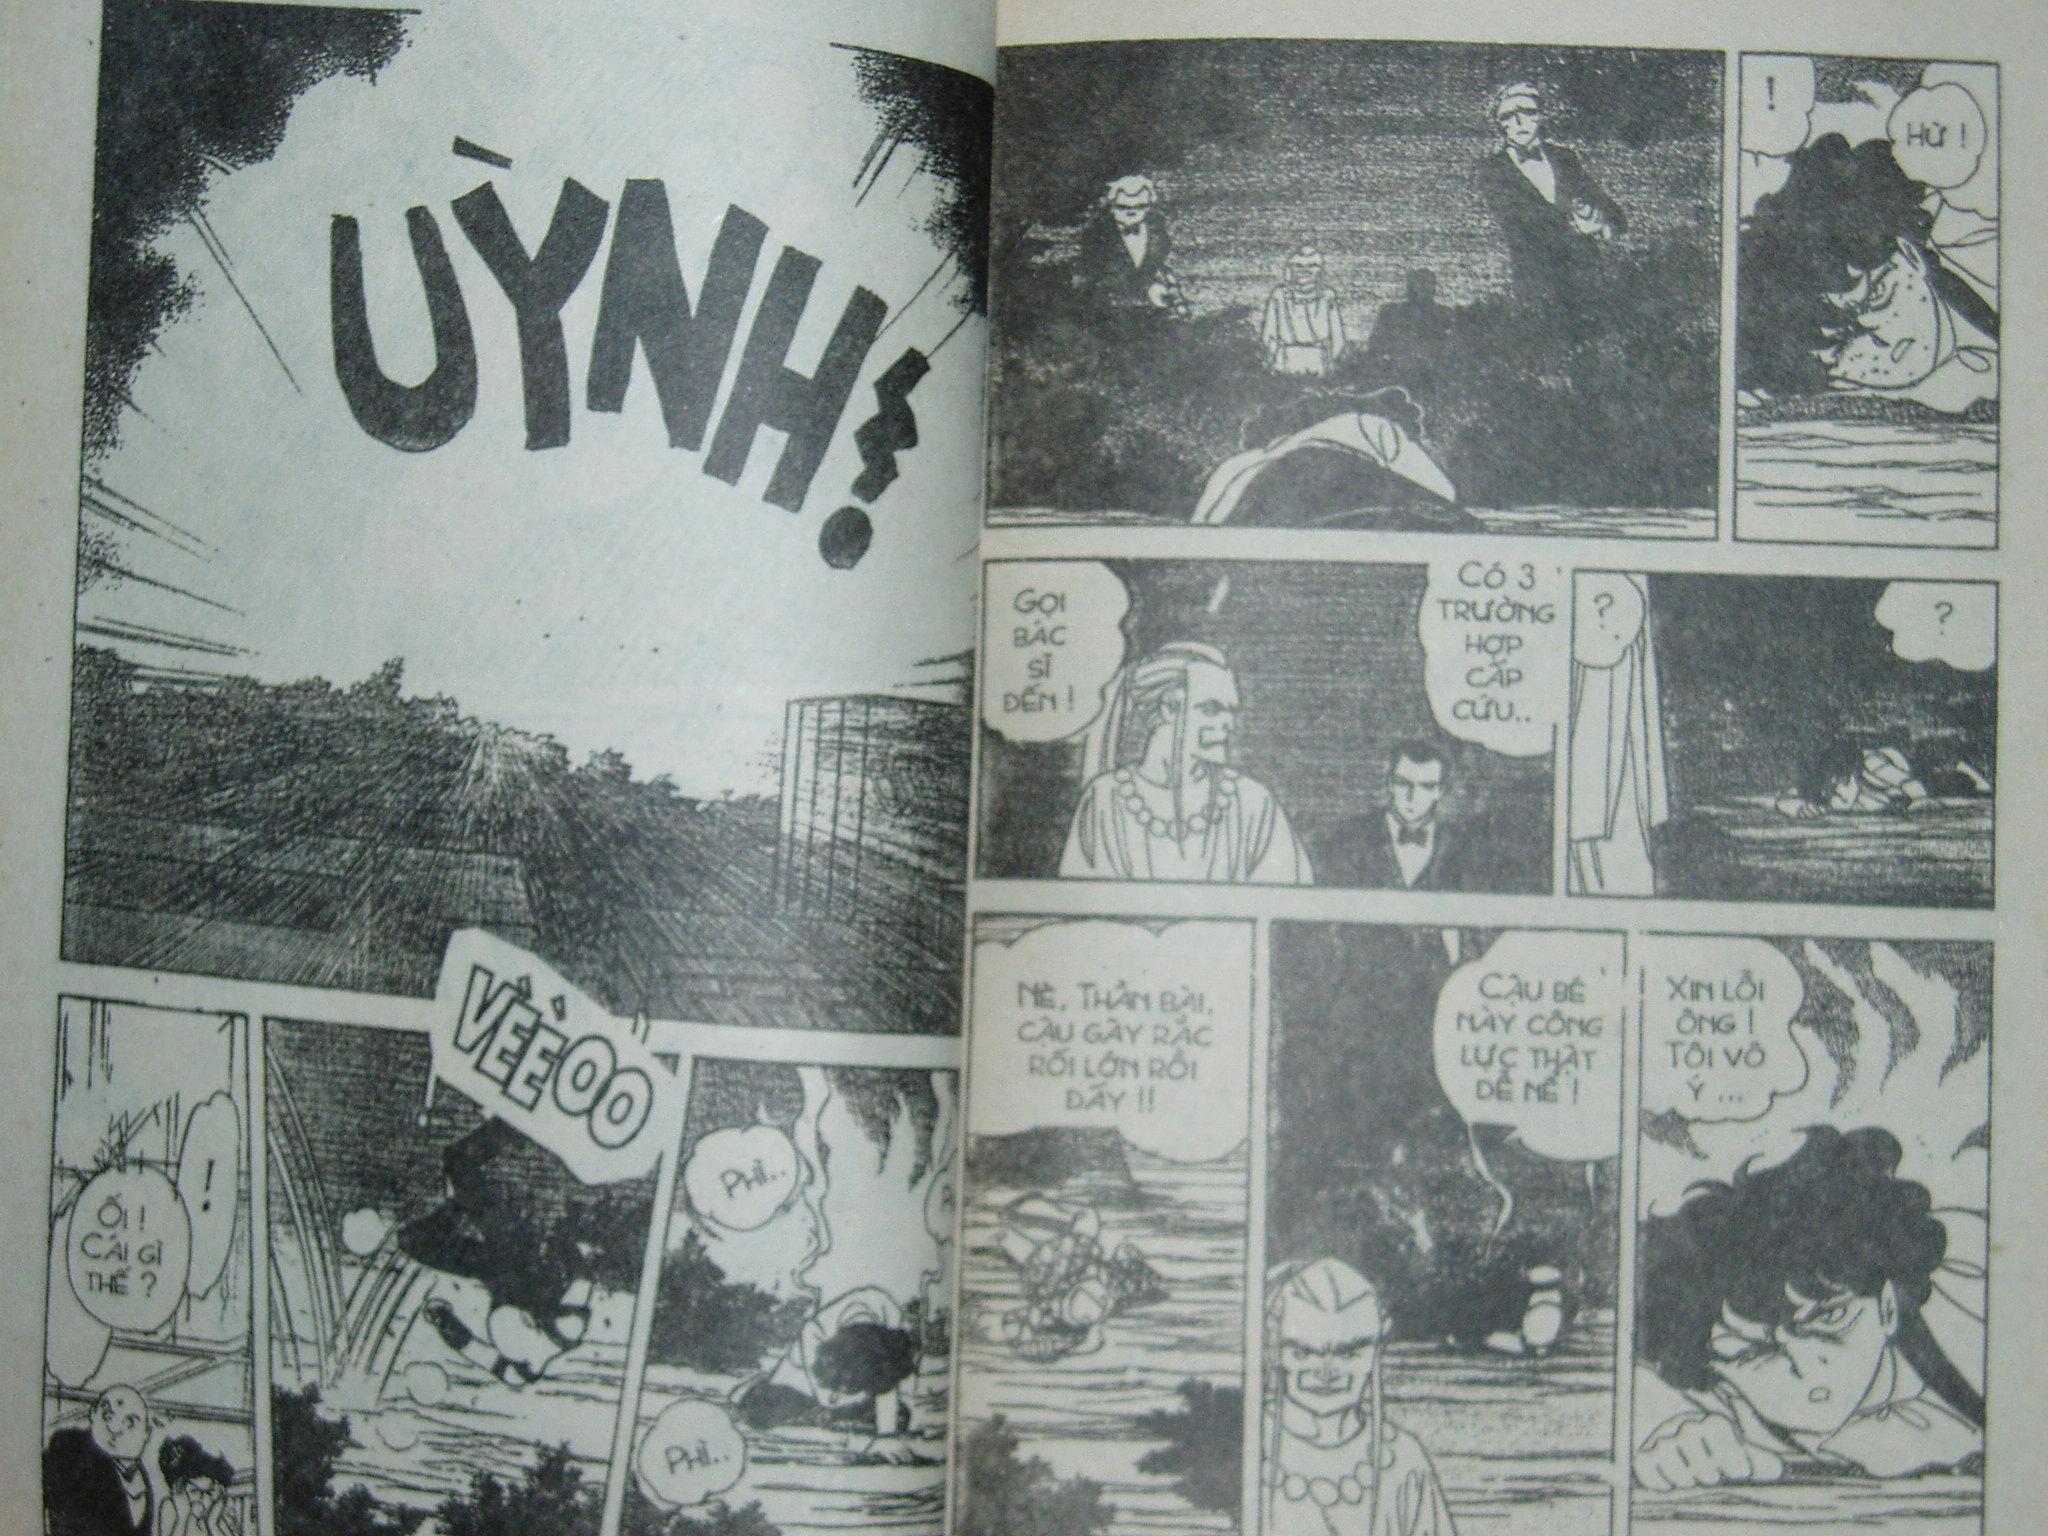 Siêu nhân Locke vol 14 trang 32